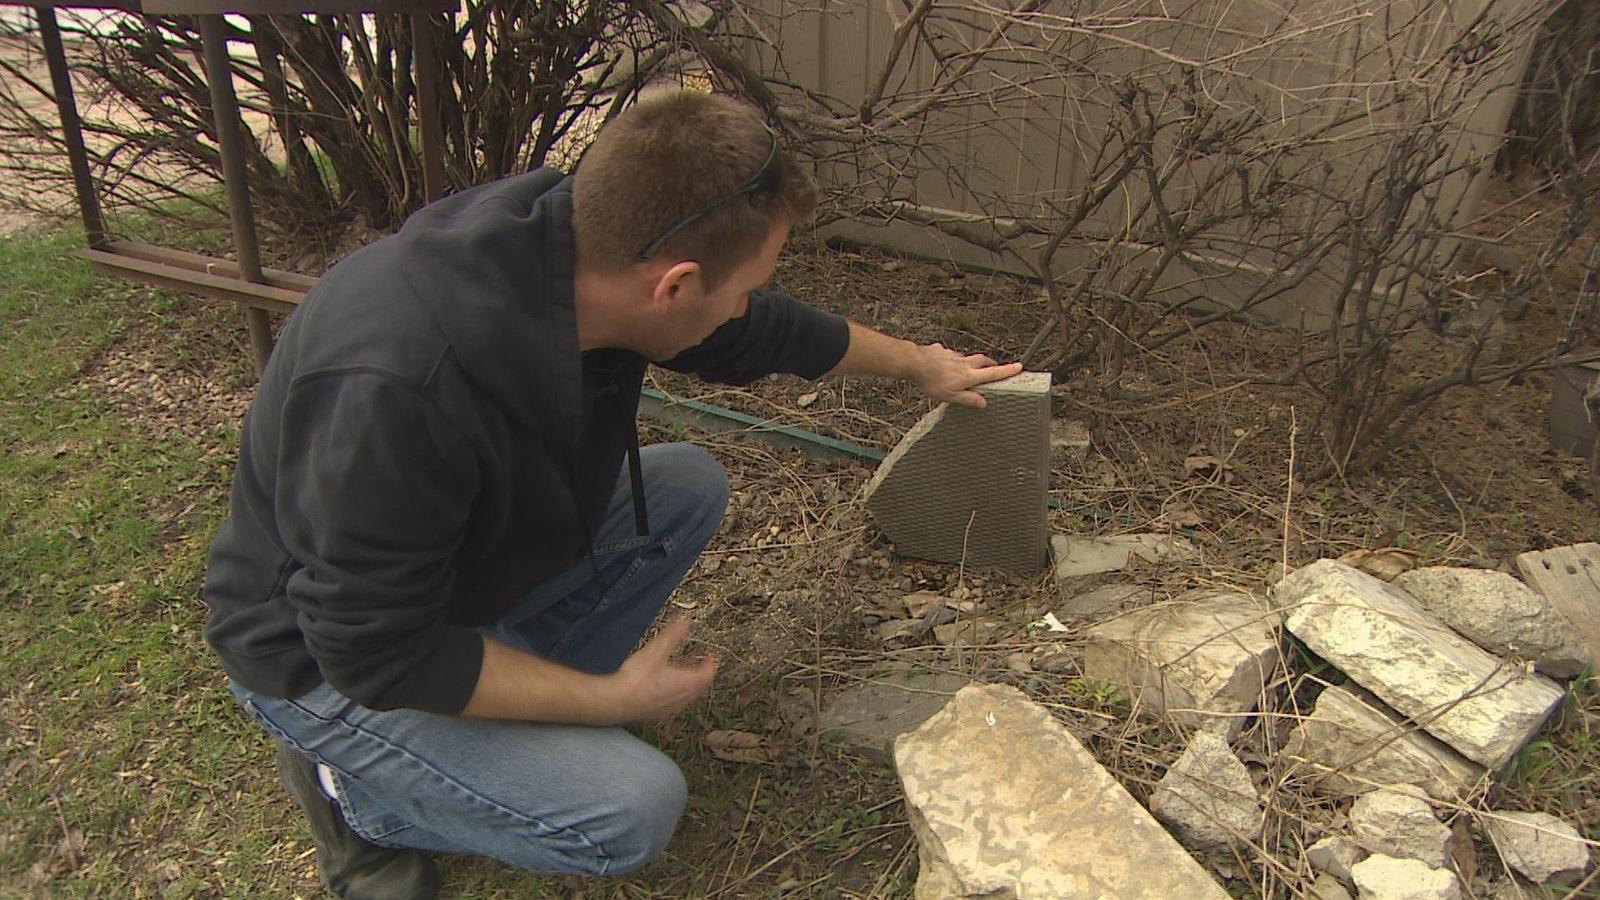 Un homme soulève une pierre dans une ruelle.